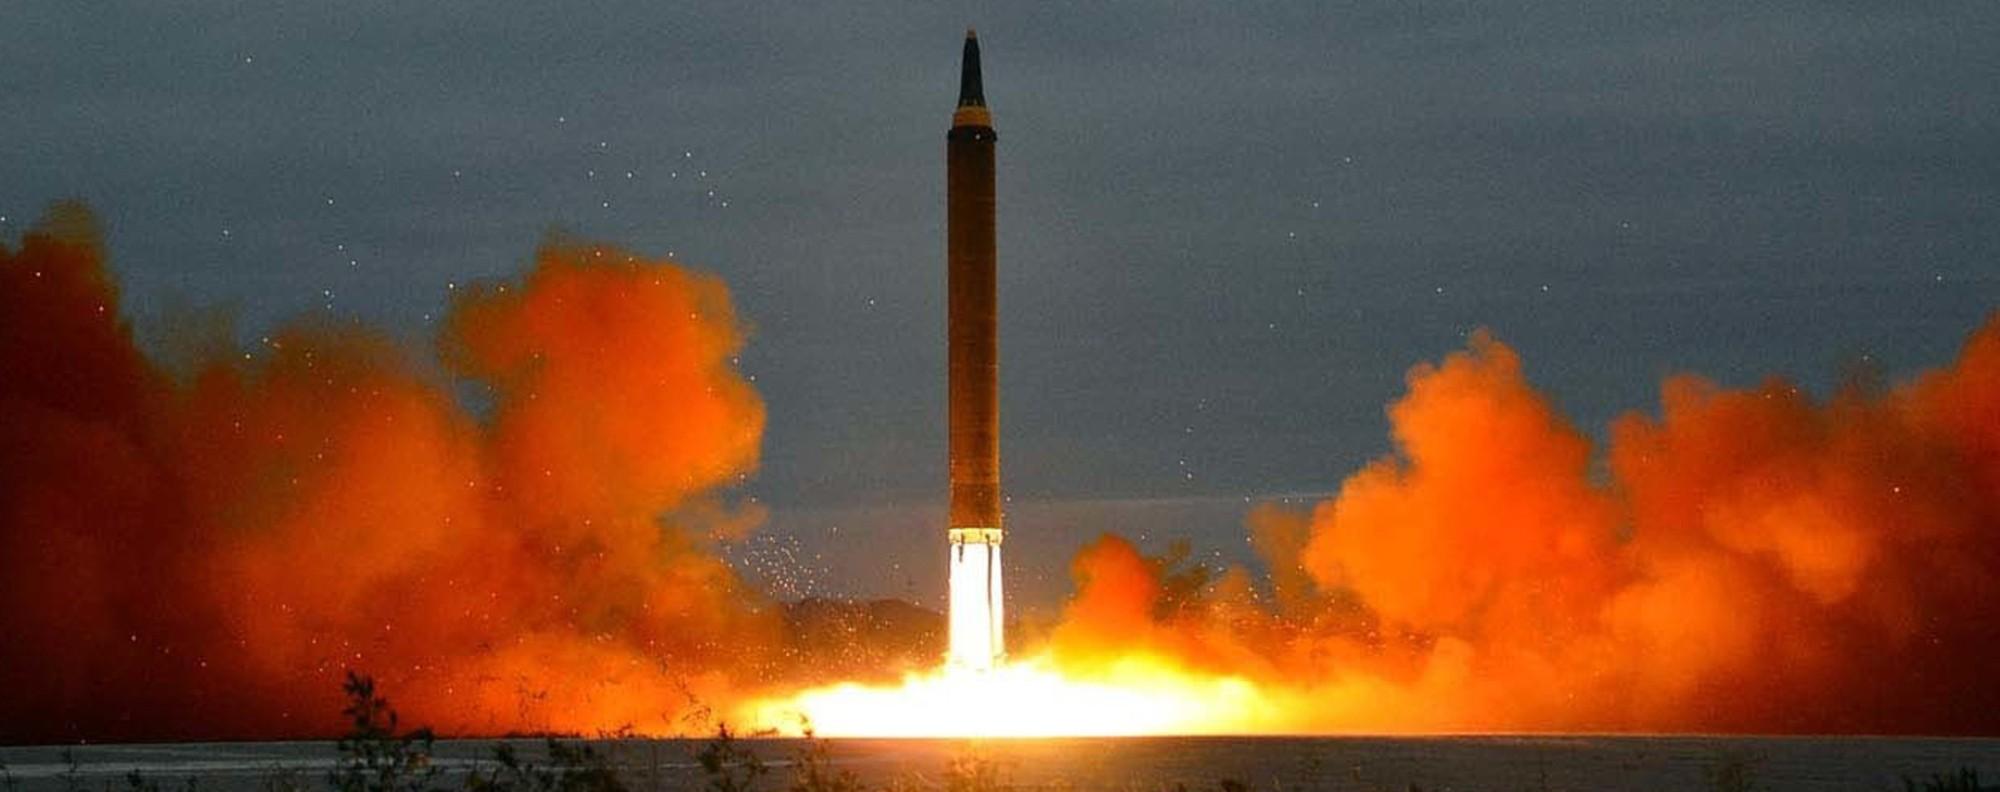 A North Korean missile. Photo: AP